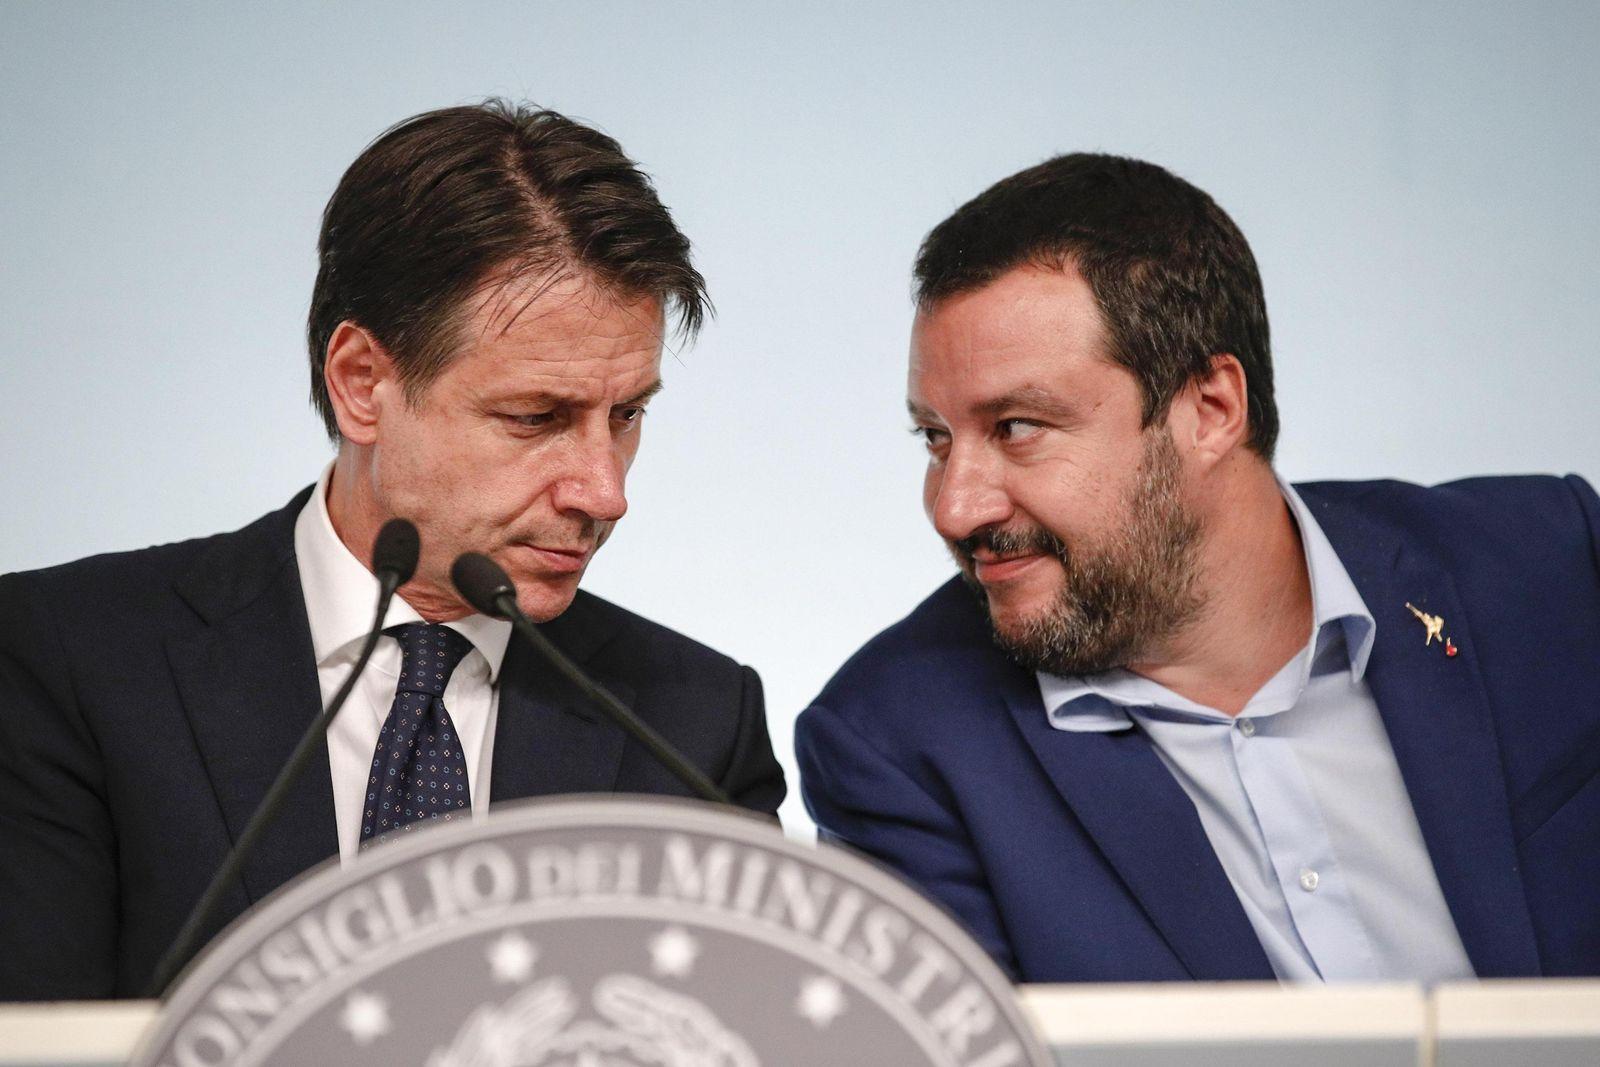 Giuseppe Conte / Matteo Salvini